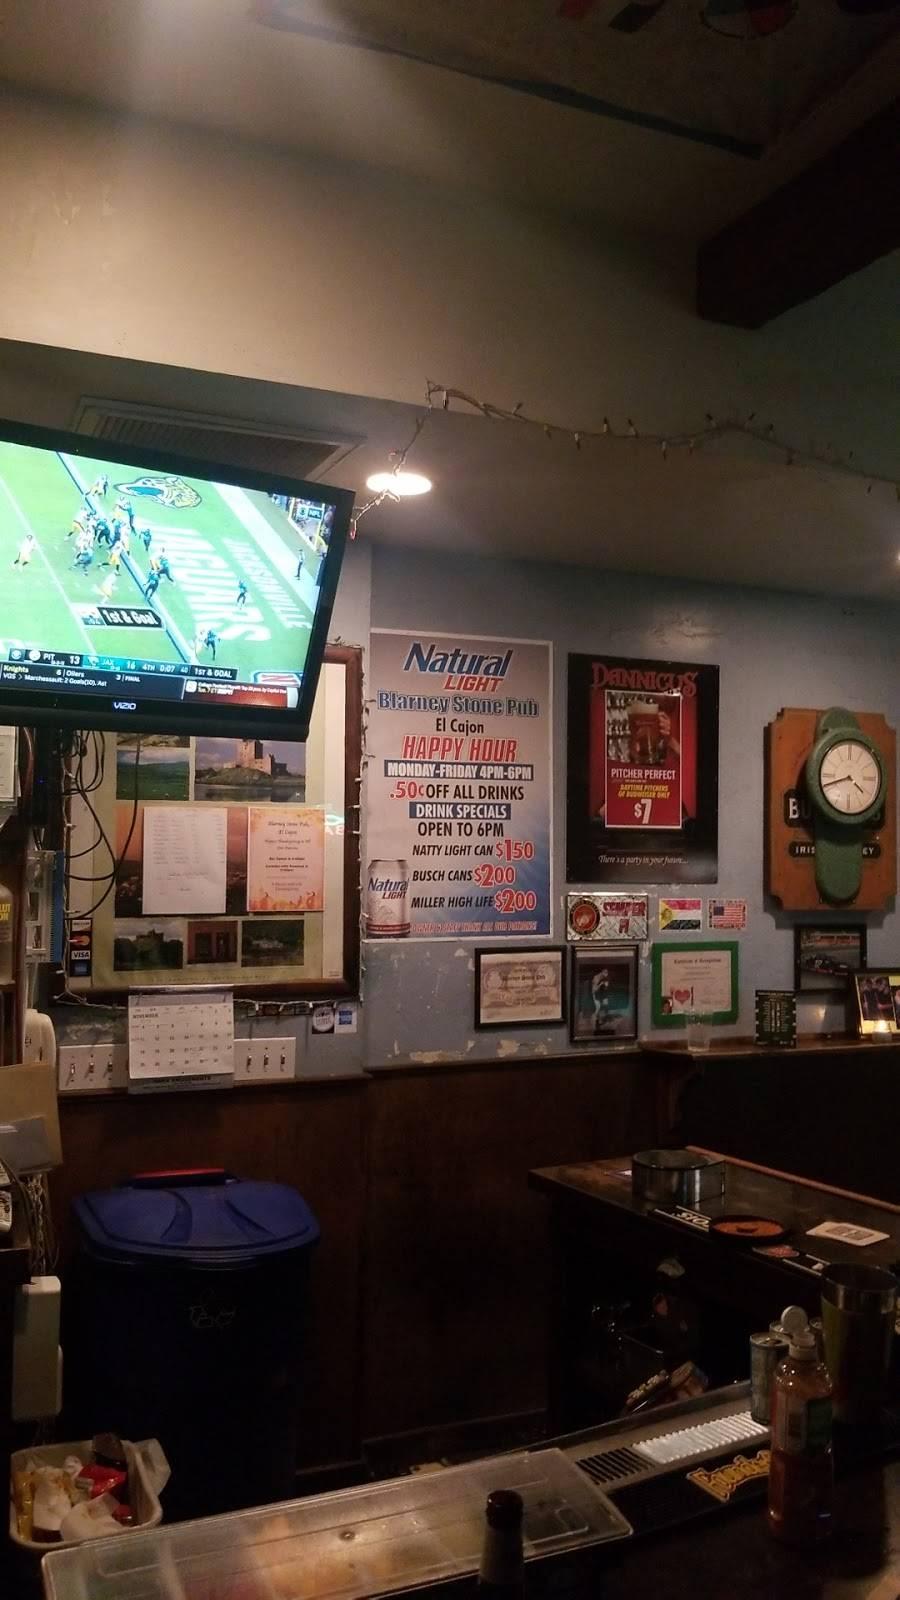 Blarney Stone Pub   restaurant   388 N 2nd St, El Cajon, CA 92021, USA   6193285403 OR +1 619-328-5403